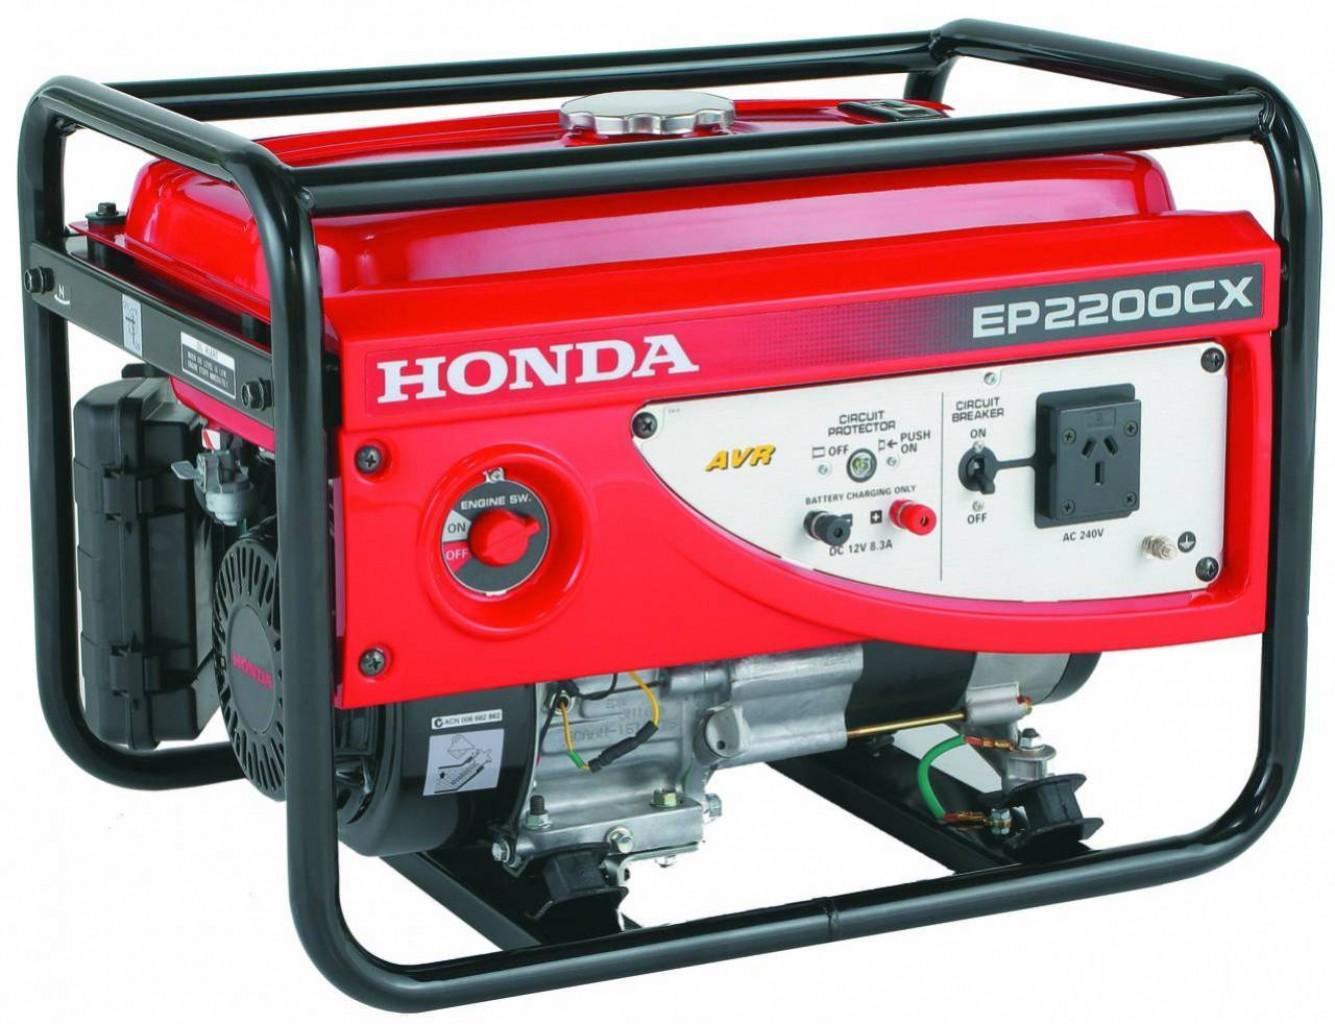 Uso del generador para invierno: